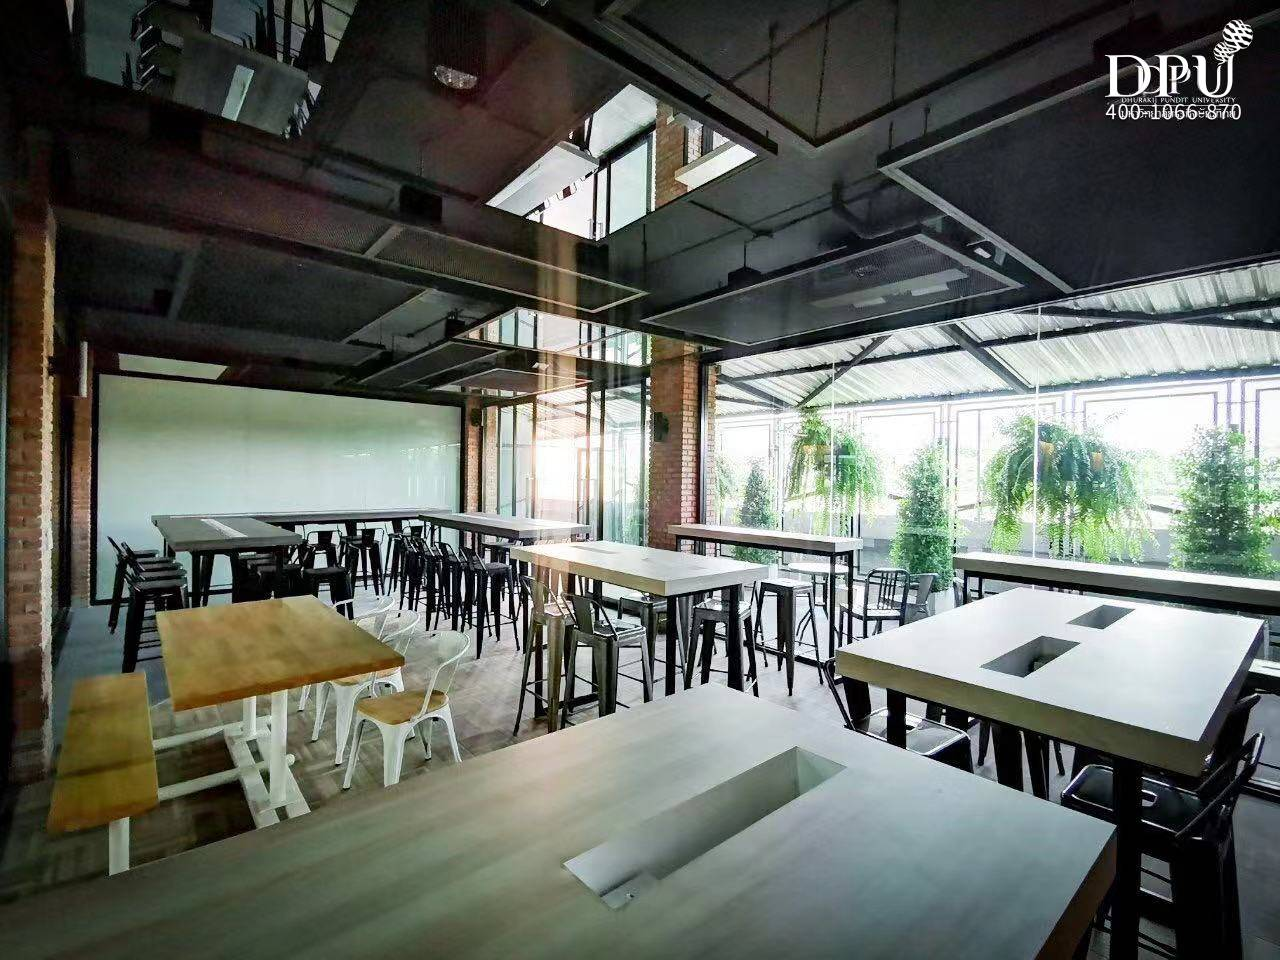 泰国博仁大学食堂、餐厅、美食广场